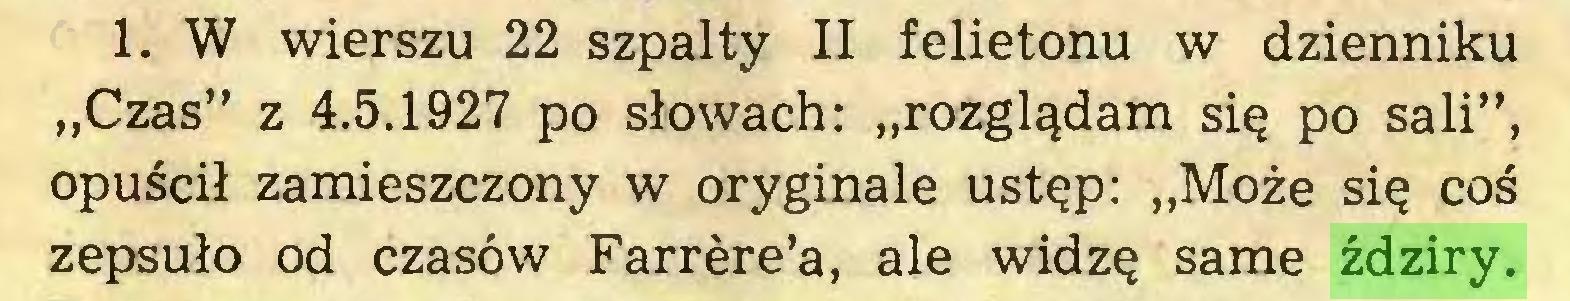 """(...) 1. W wierszu 22 szpalty II felietonu w dzienniku """"Czas"""" z 4.5.1927 po słowach: """"rozglądam się po sali"""", opuścił zamieszczony w oryginale ustęp: """"Może się coś zepsuło od czasów Farrère'a, ale widzę same ździry..."""